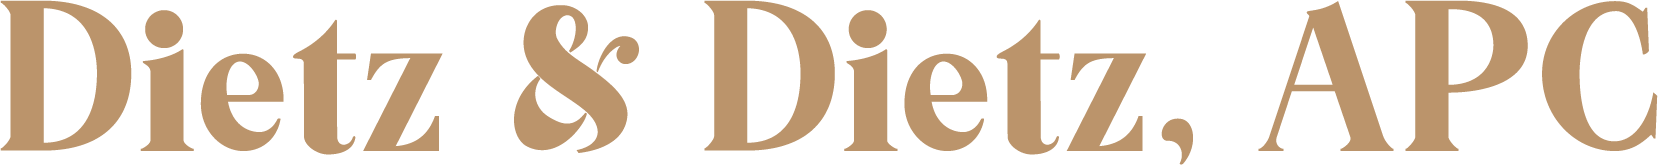 Dietz & Dietz, APC